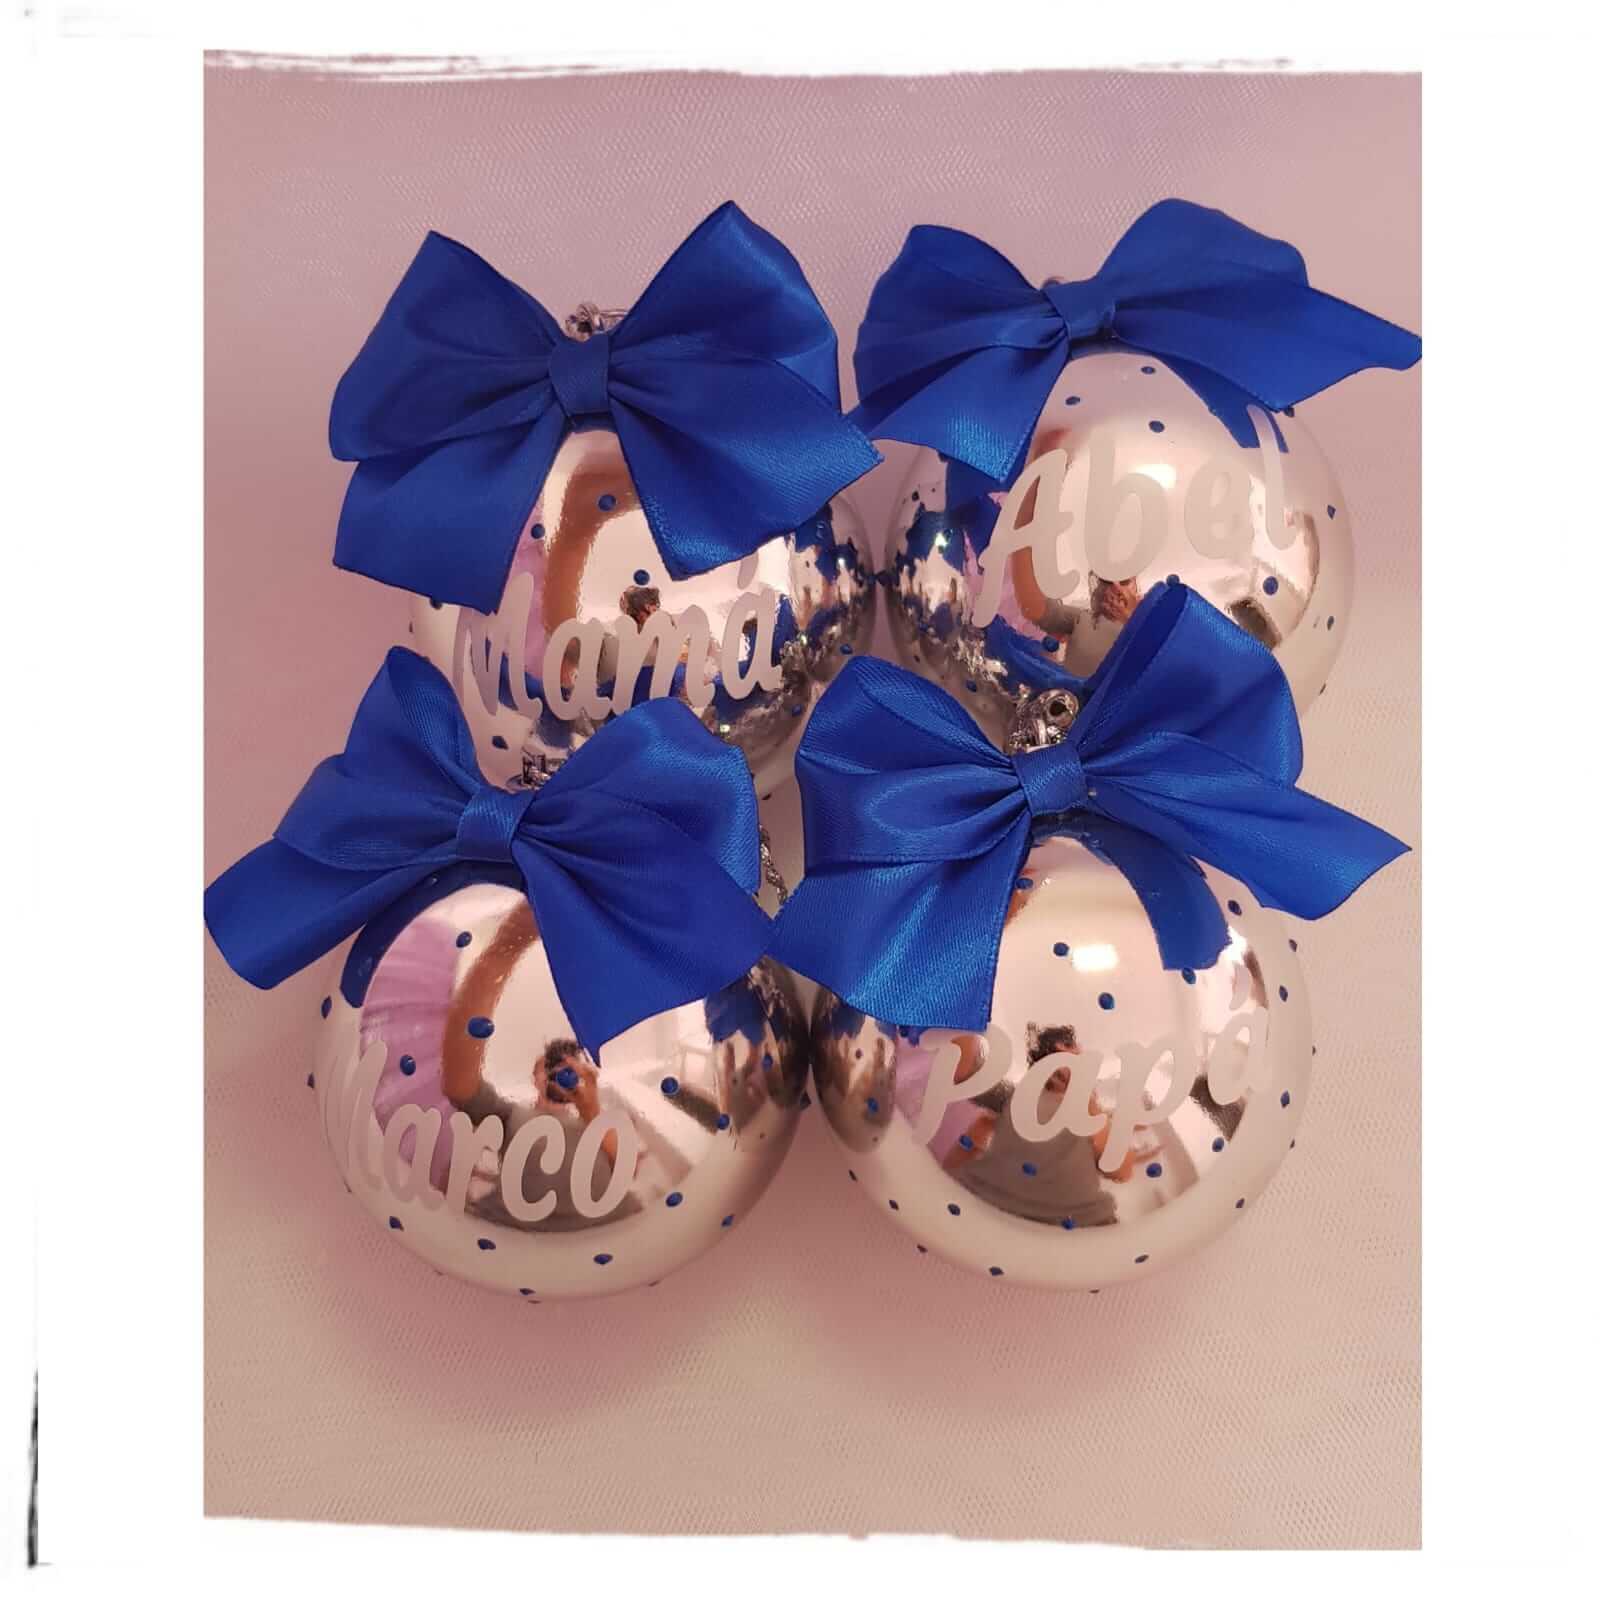 bolas de navidad personalizadas bolas navideñas bola de navidad bolas de navidad - bolas de navidad personalizadas bolas navide  as 7 - Bolas de navidad personalizadas |  Bola de navidad